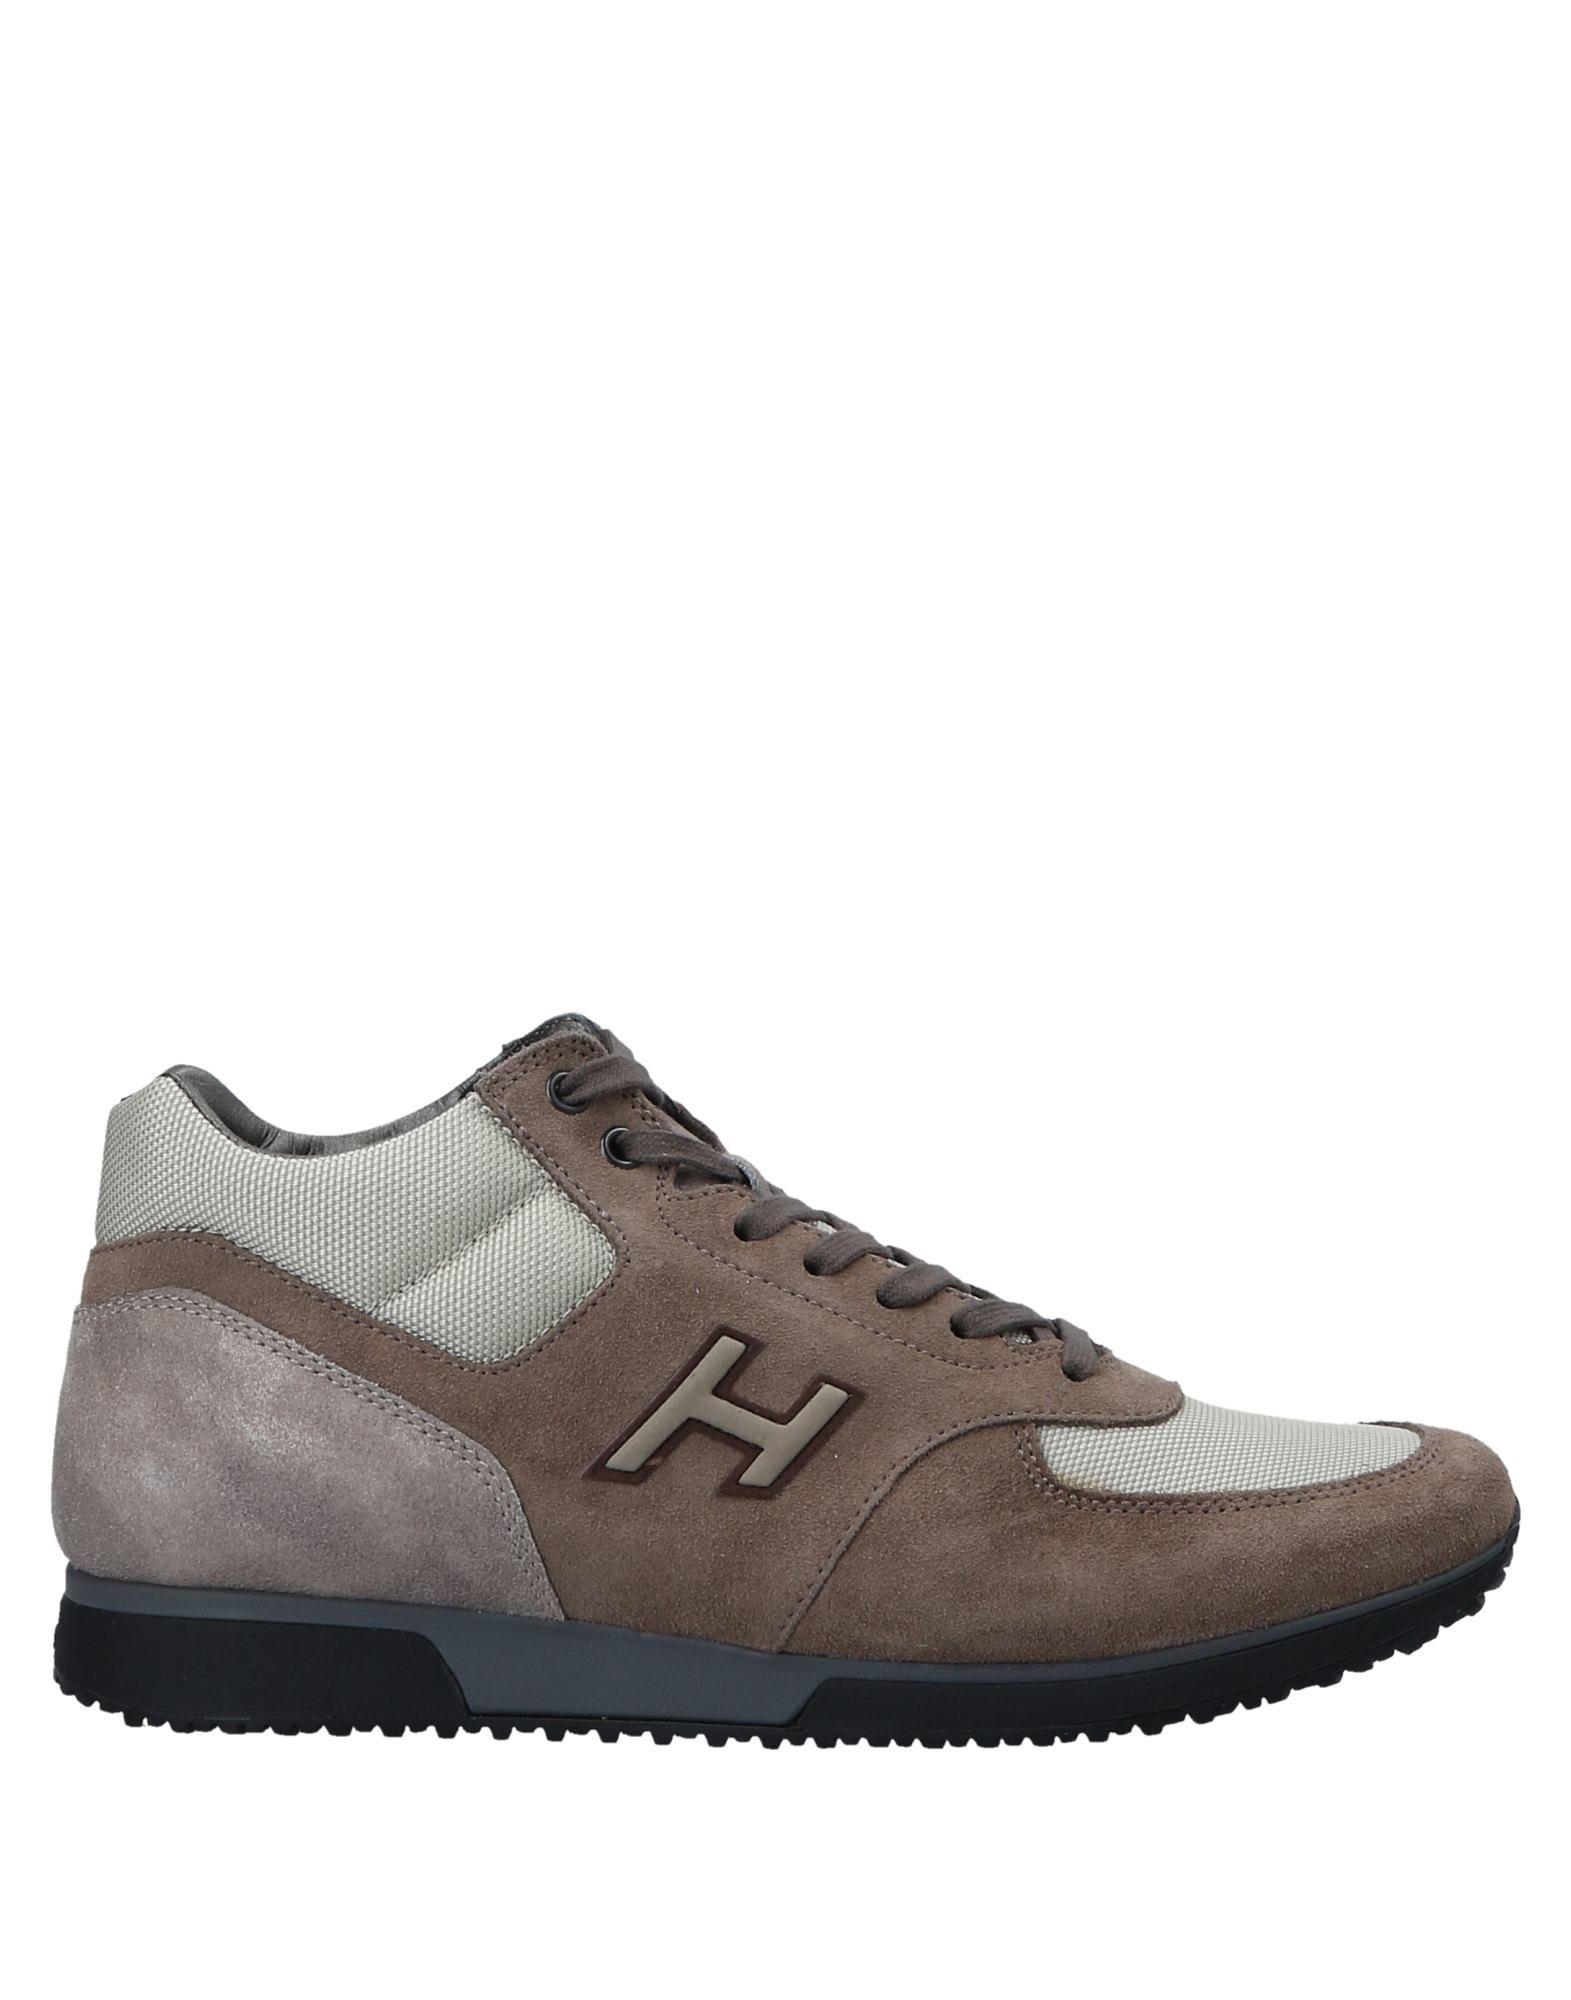 Hogan Sneakers Herren  11559923OU Gute Qualität beliebte Schuhe